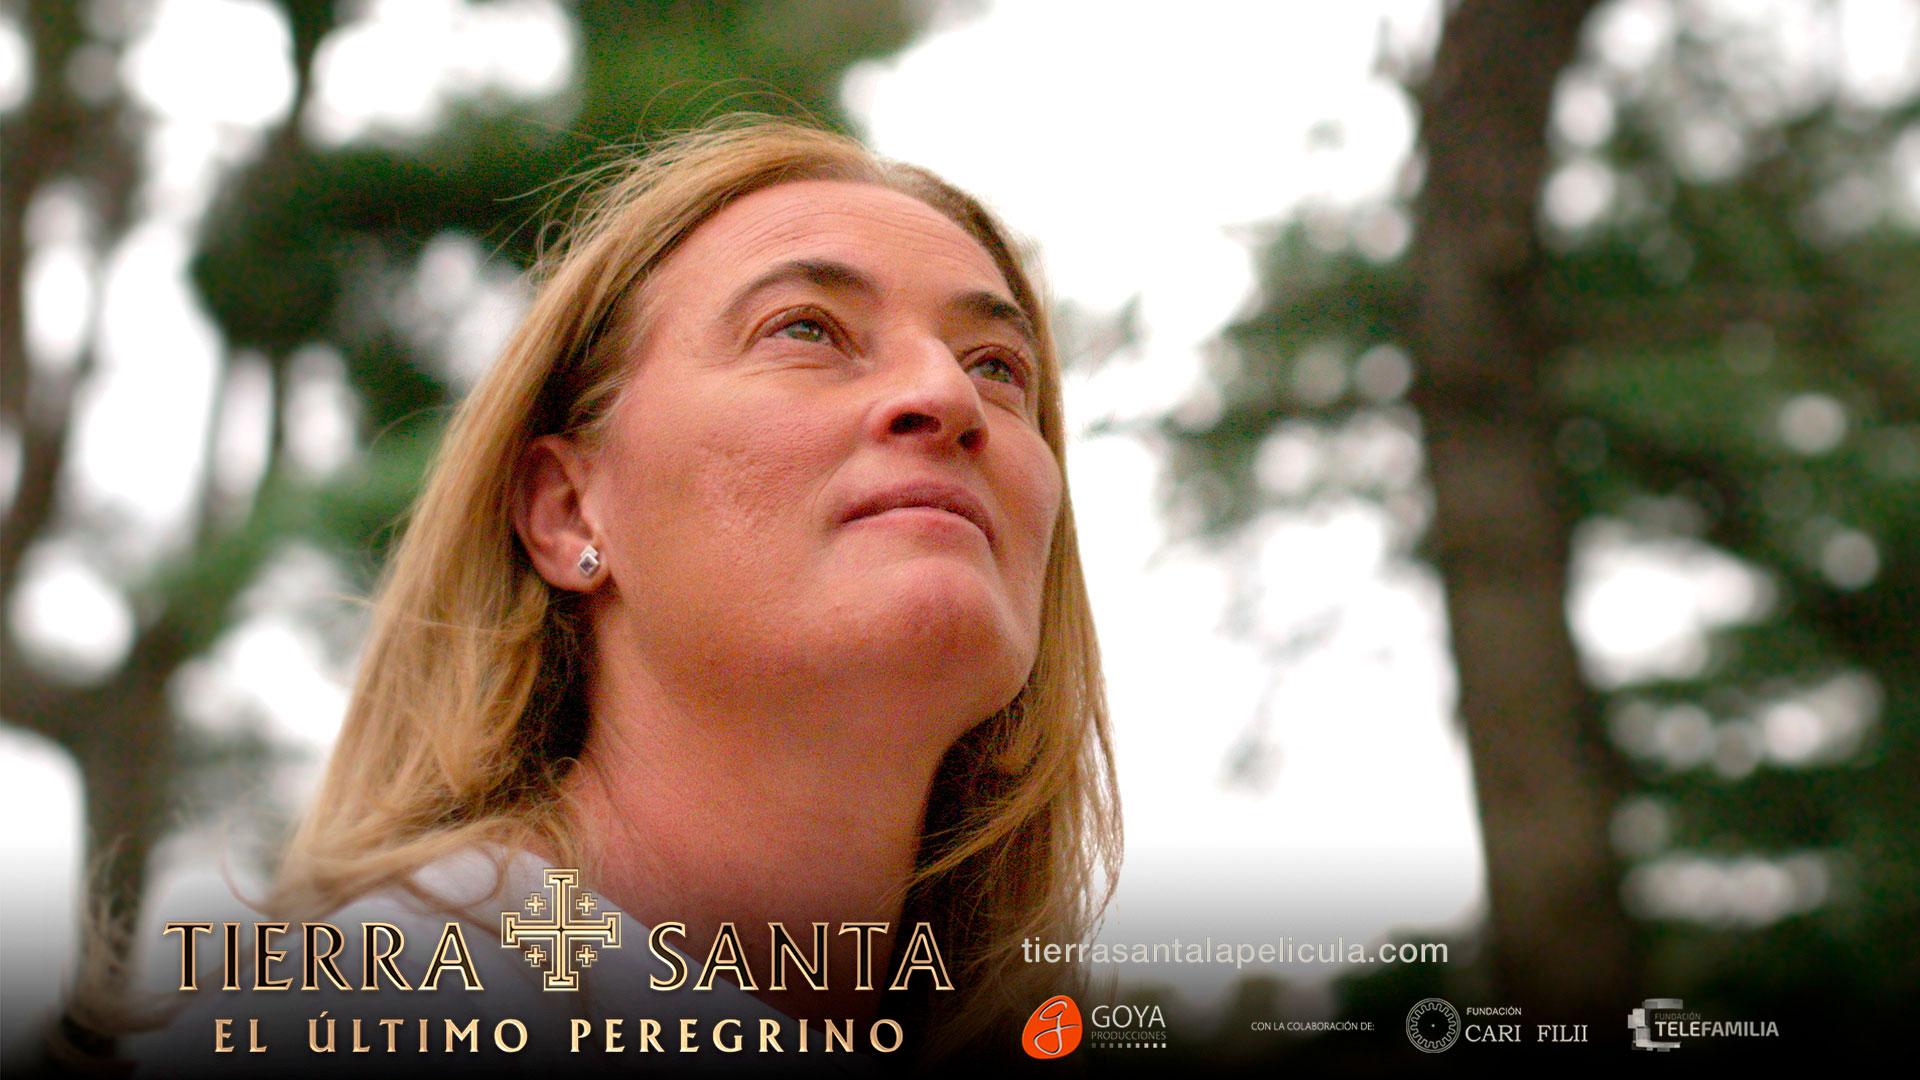 Tierra Santa, El Último Peregrino 04